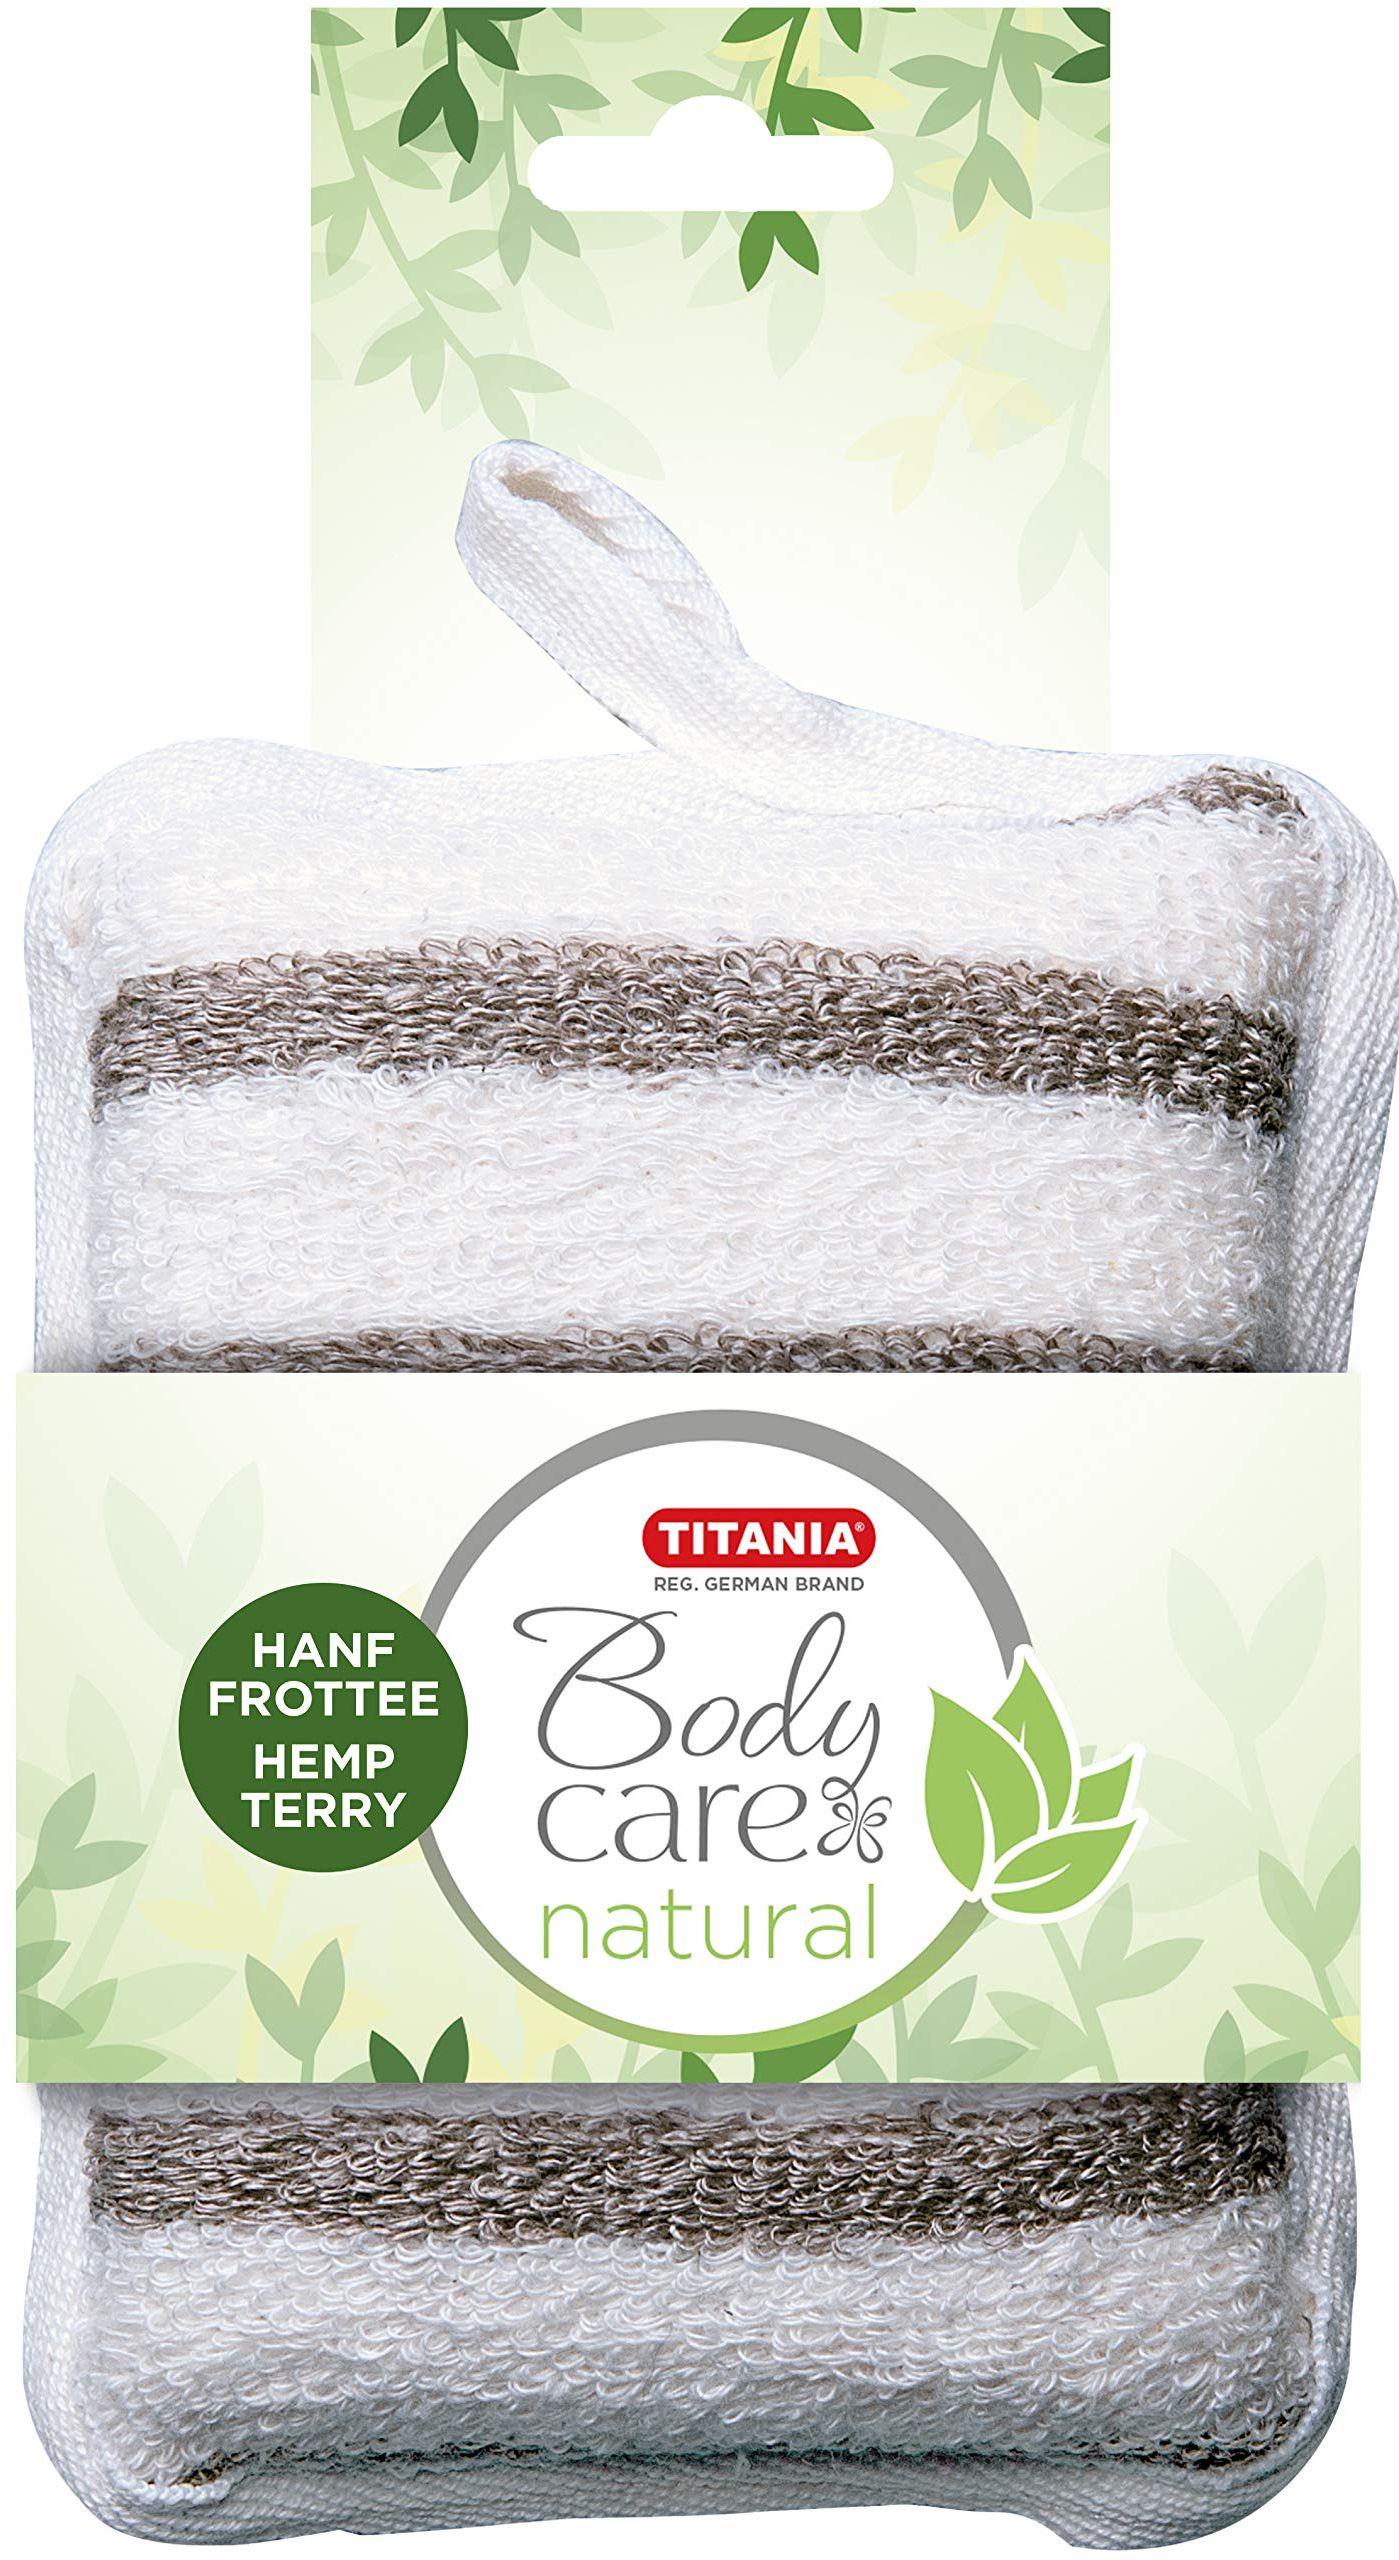 Titania kąpielowa gąbka do masażu z konopi i frotte, biała i beżowa w paski, prostokątna